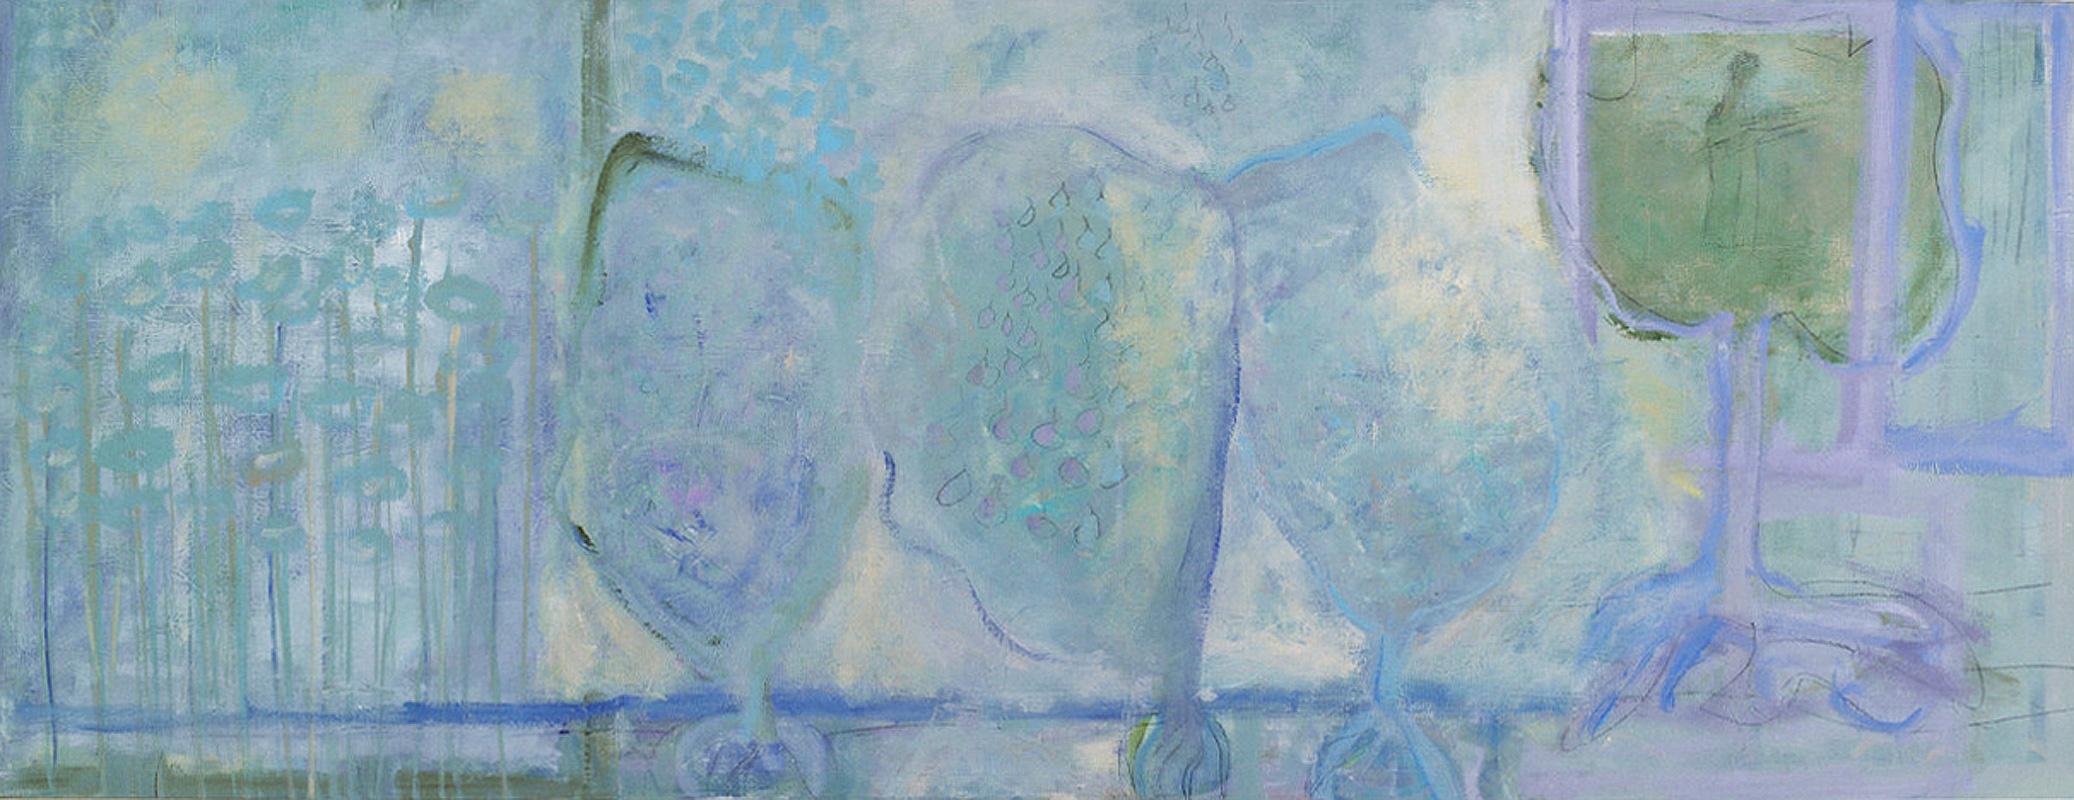 p041 - קטיפה כחולה